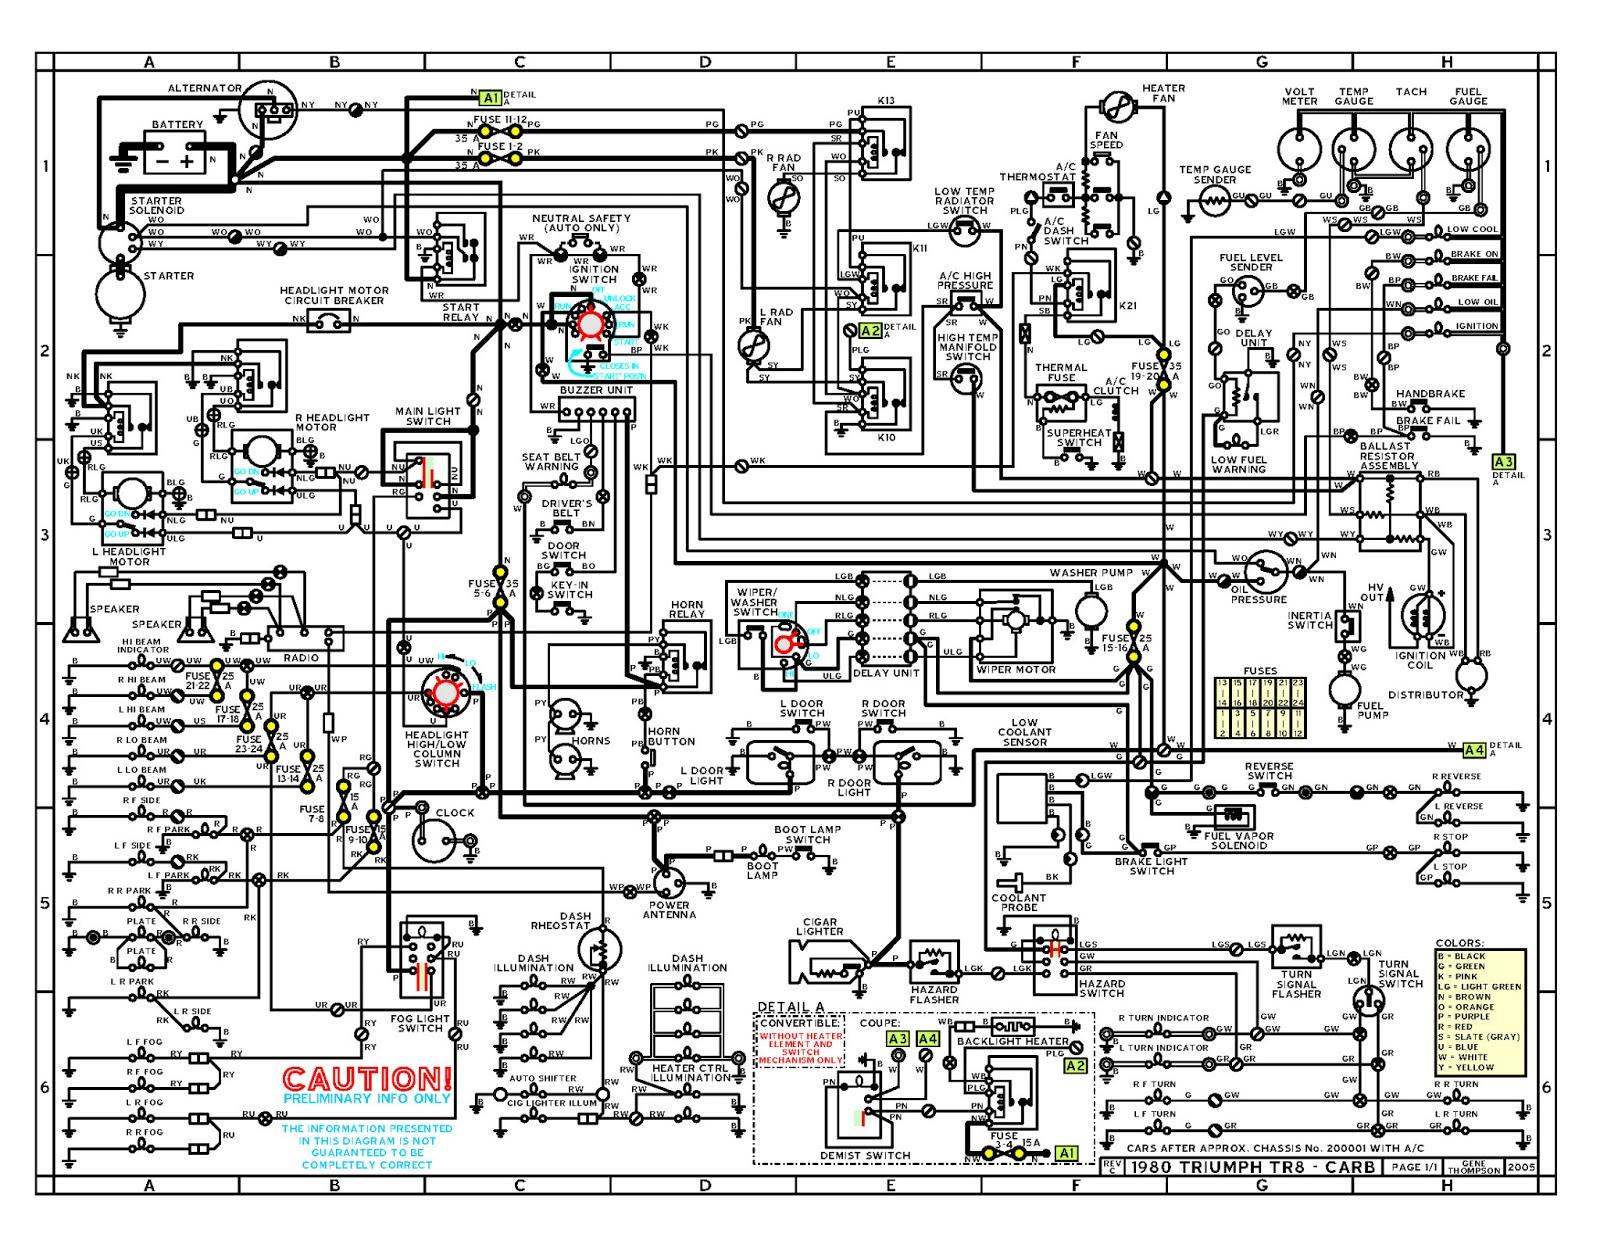 Fascinating Mgb Wiring Schematic Gallery - Best Image Wire - binvm.us